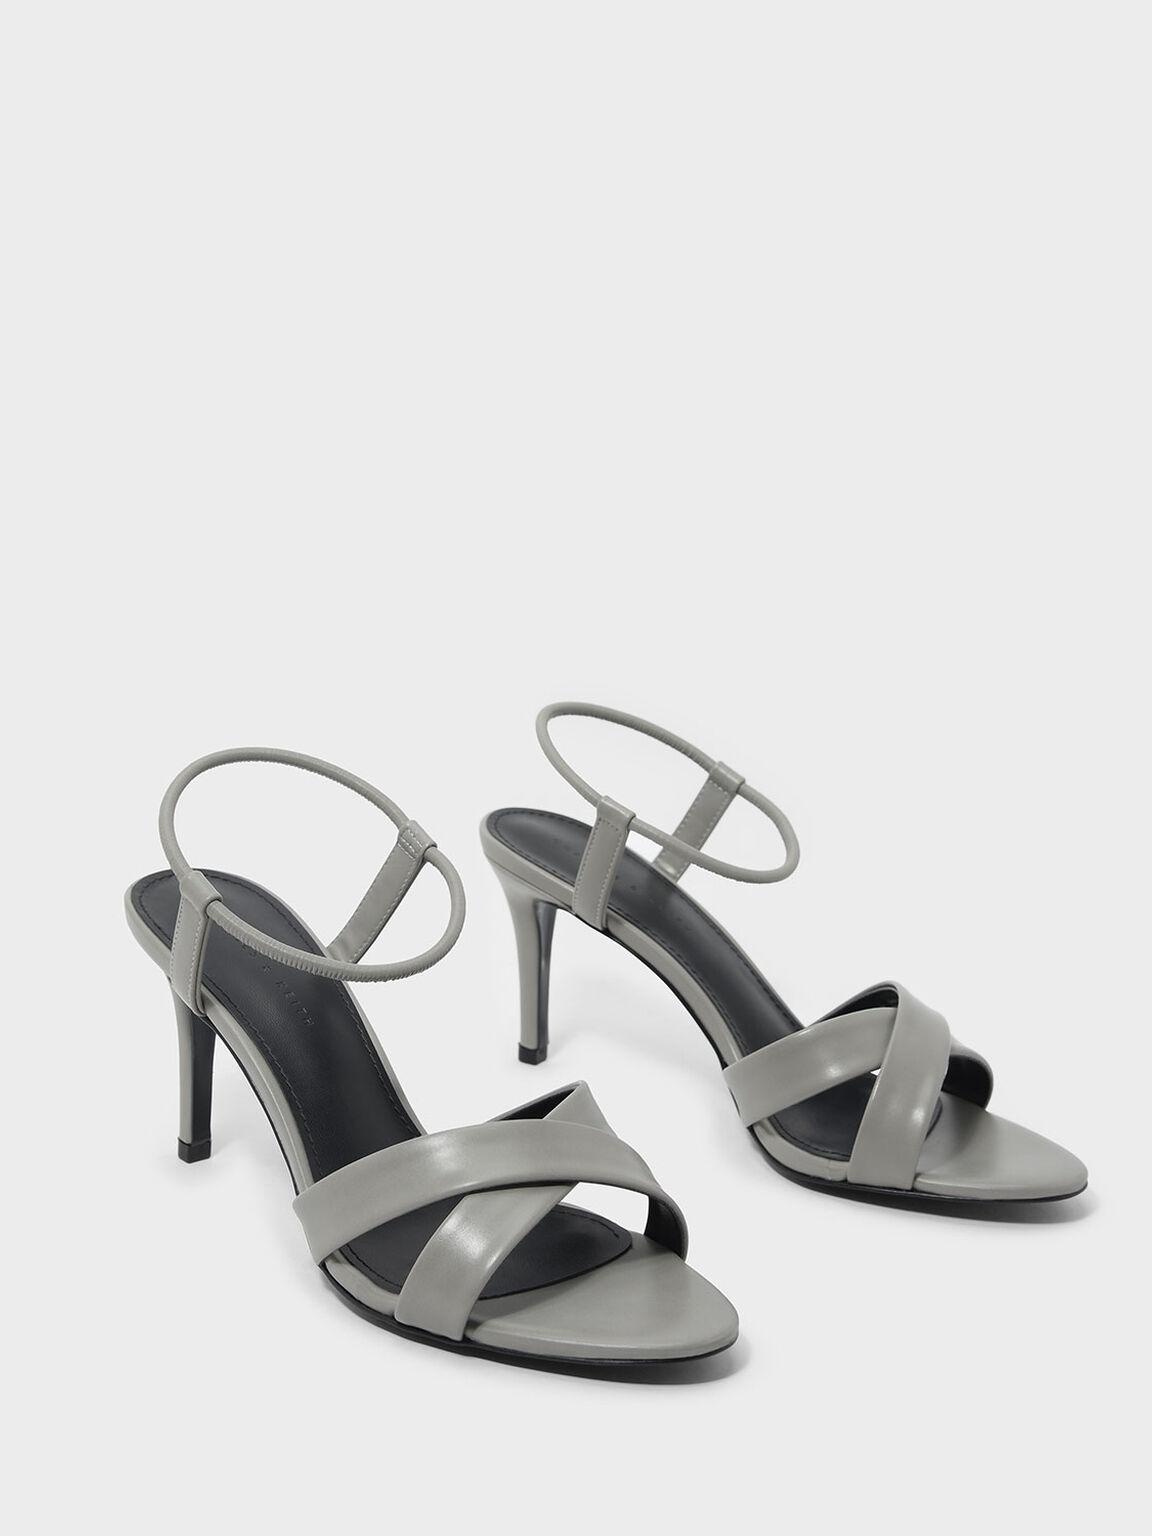 Criss Cross Heeled Sandals, Grey, hi-res